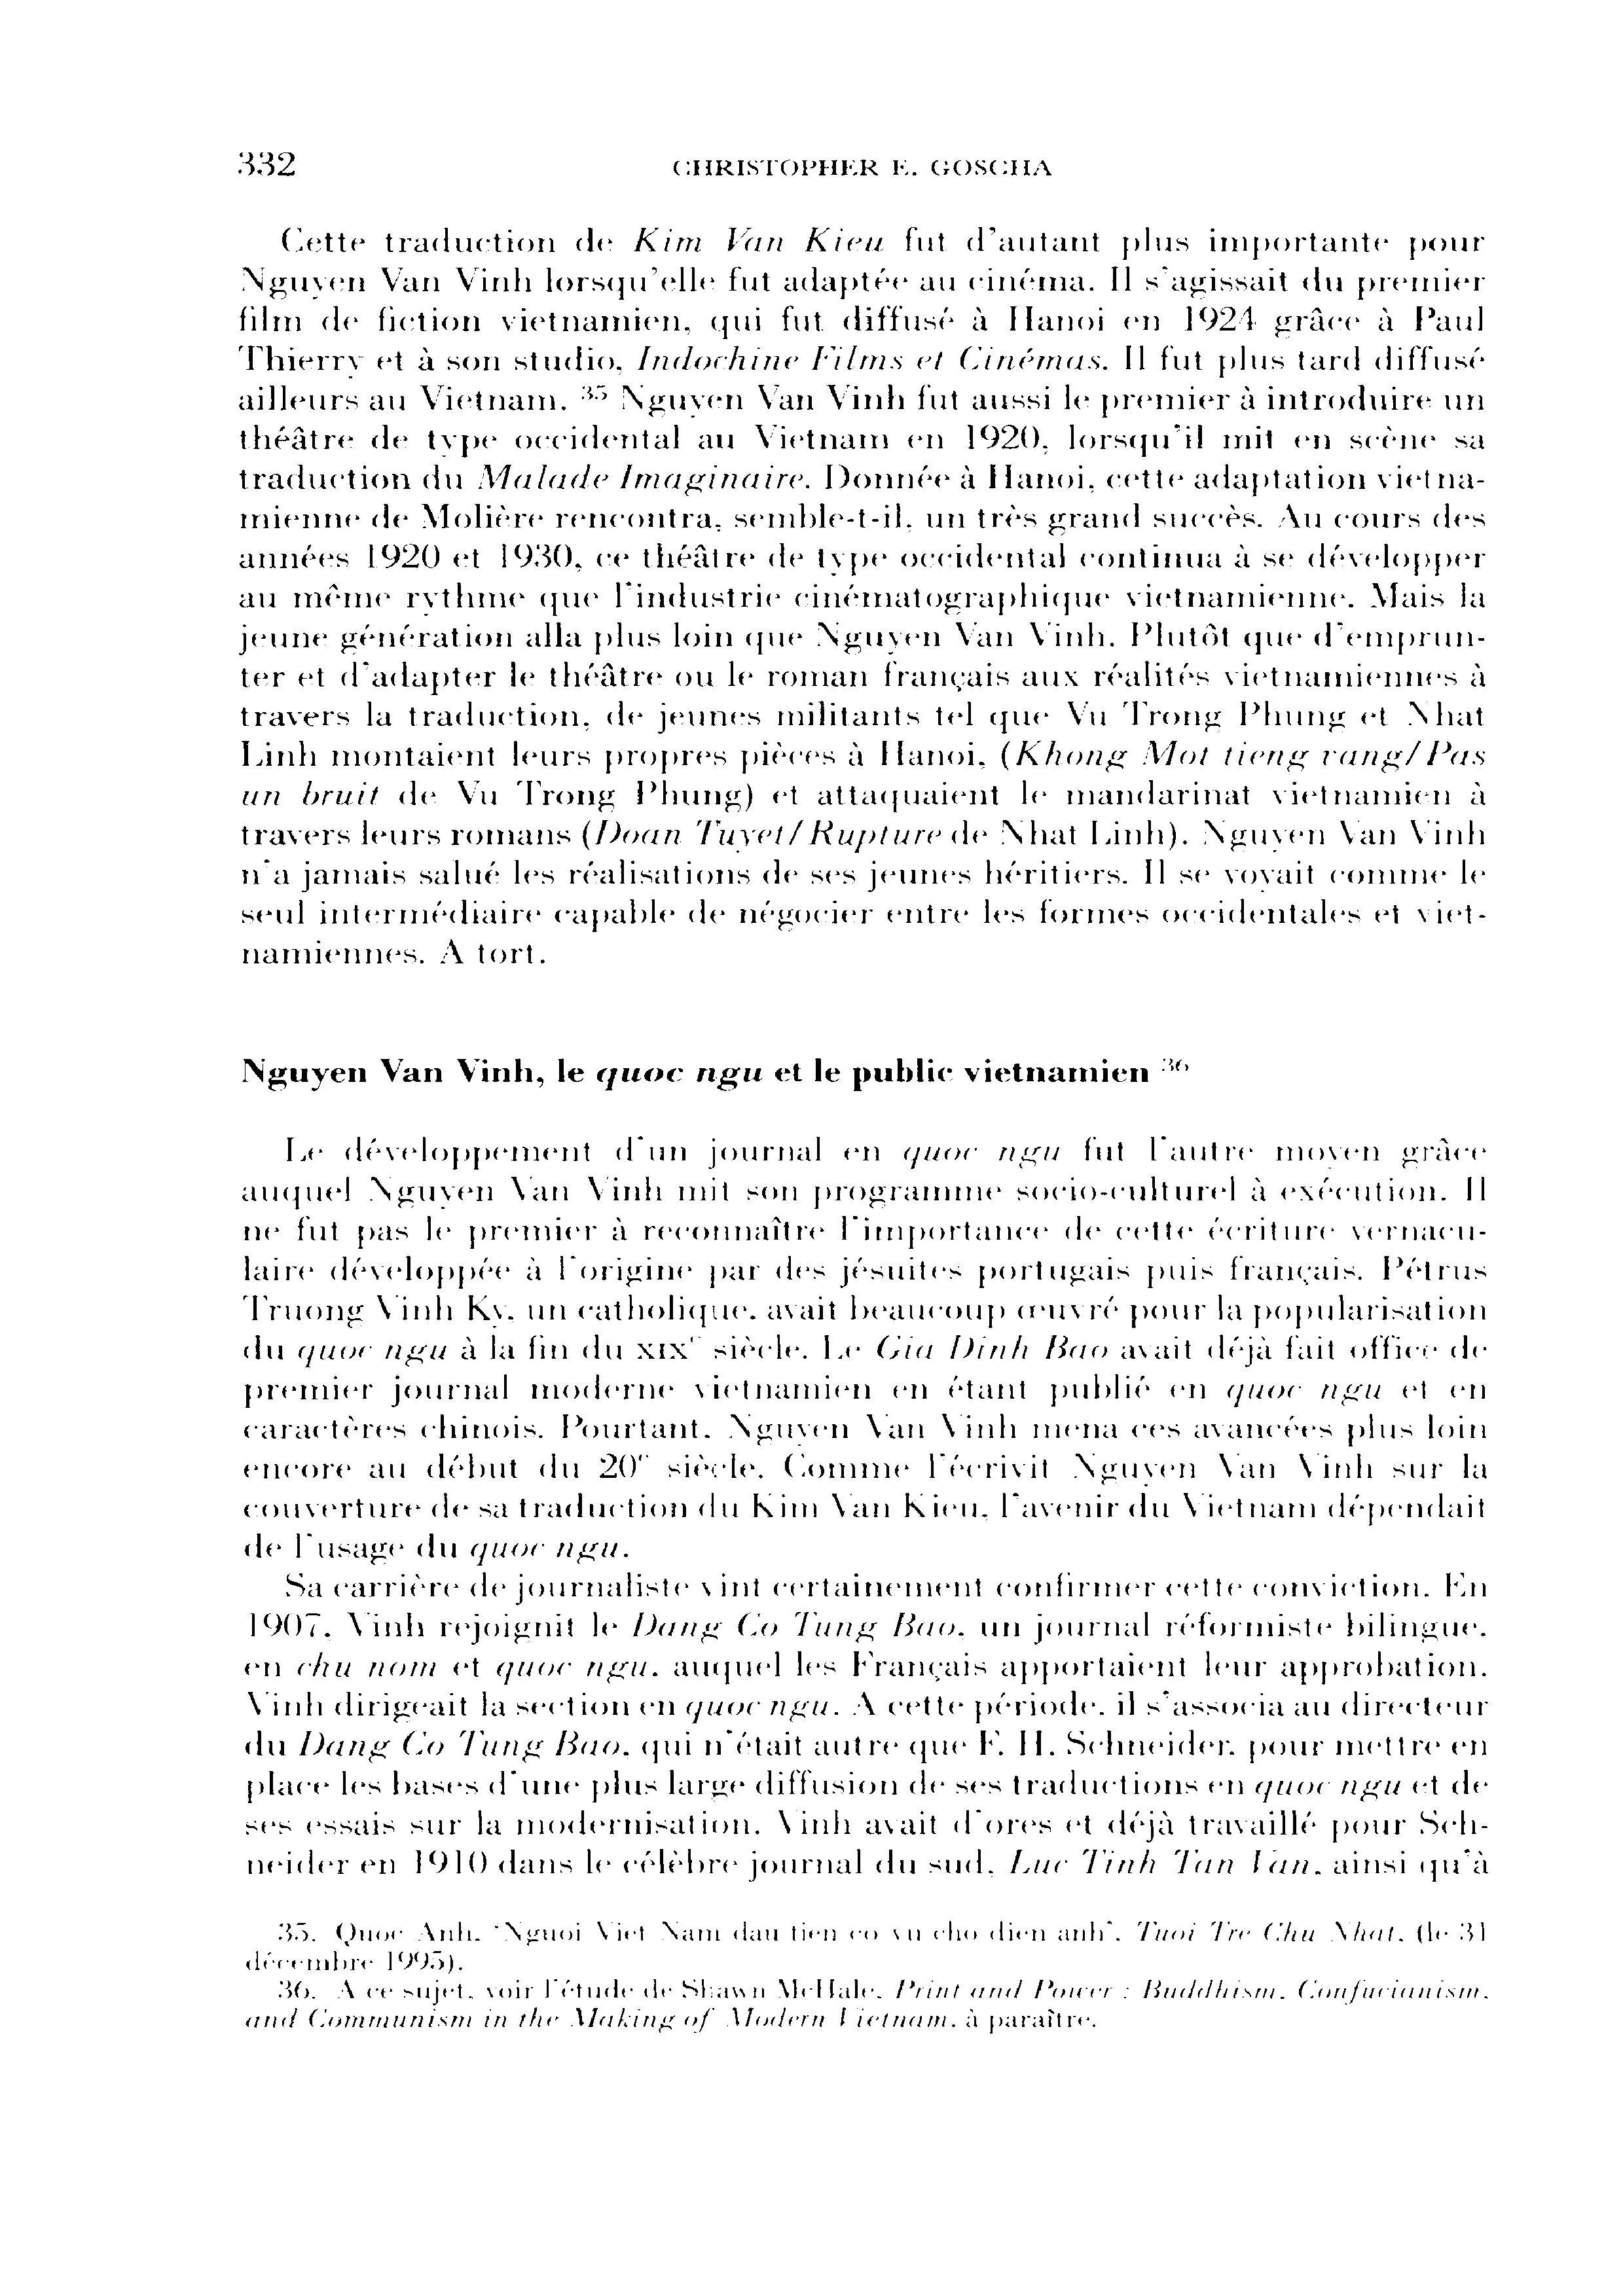 outre_1631-0438_2001_num_88_332_3899-page-016